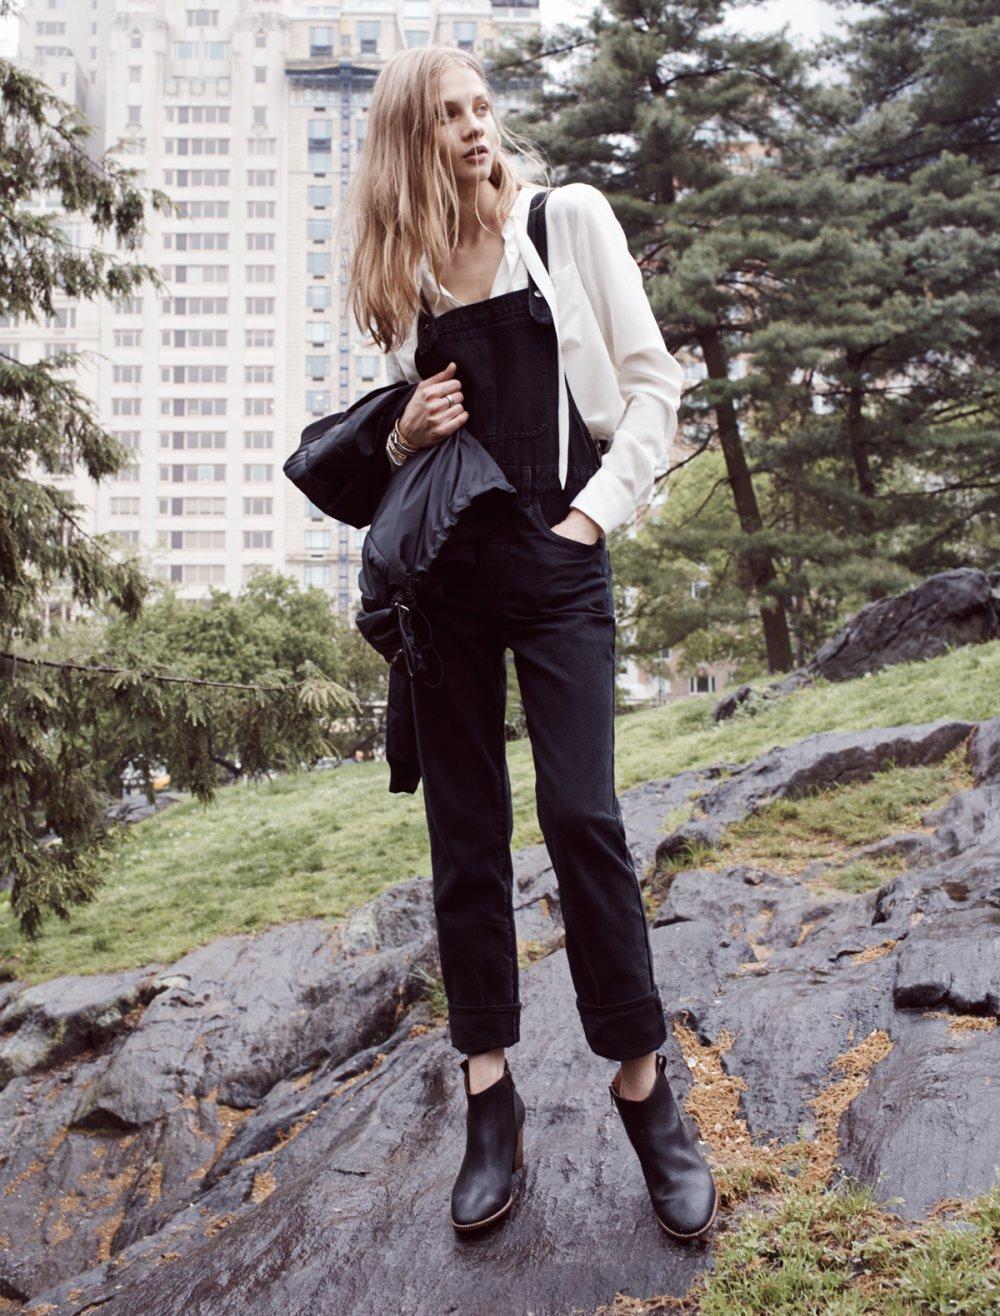 anna-selezneva-for-madewell-september-2014-catalog-18